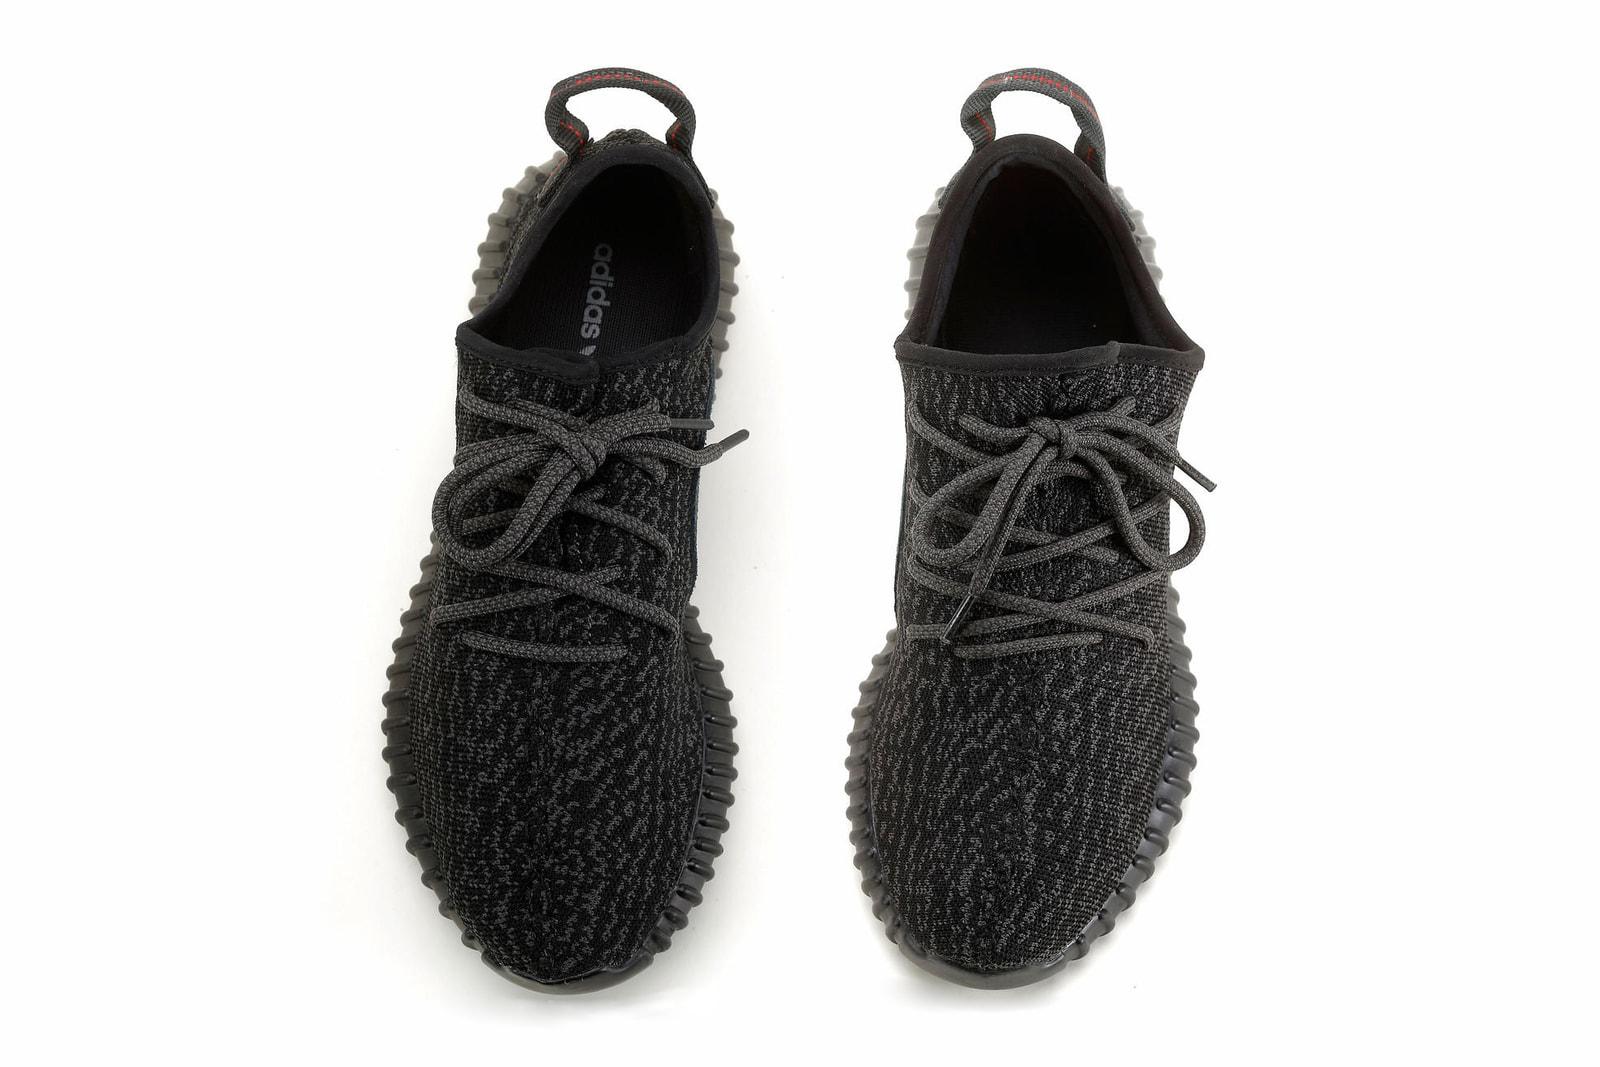 一窺 Reddit 網站如何散播假冒鞋銷售市場的風氣